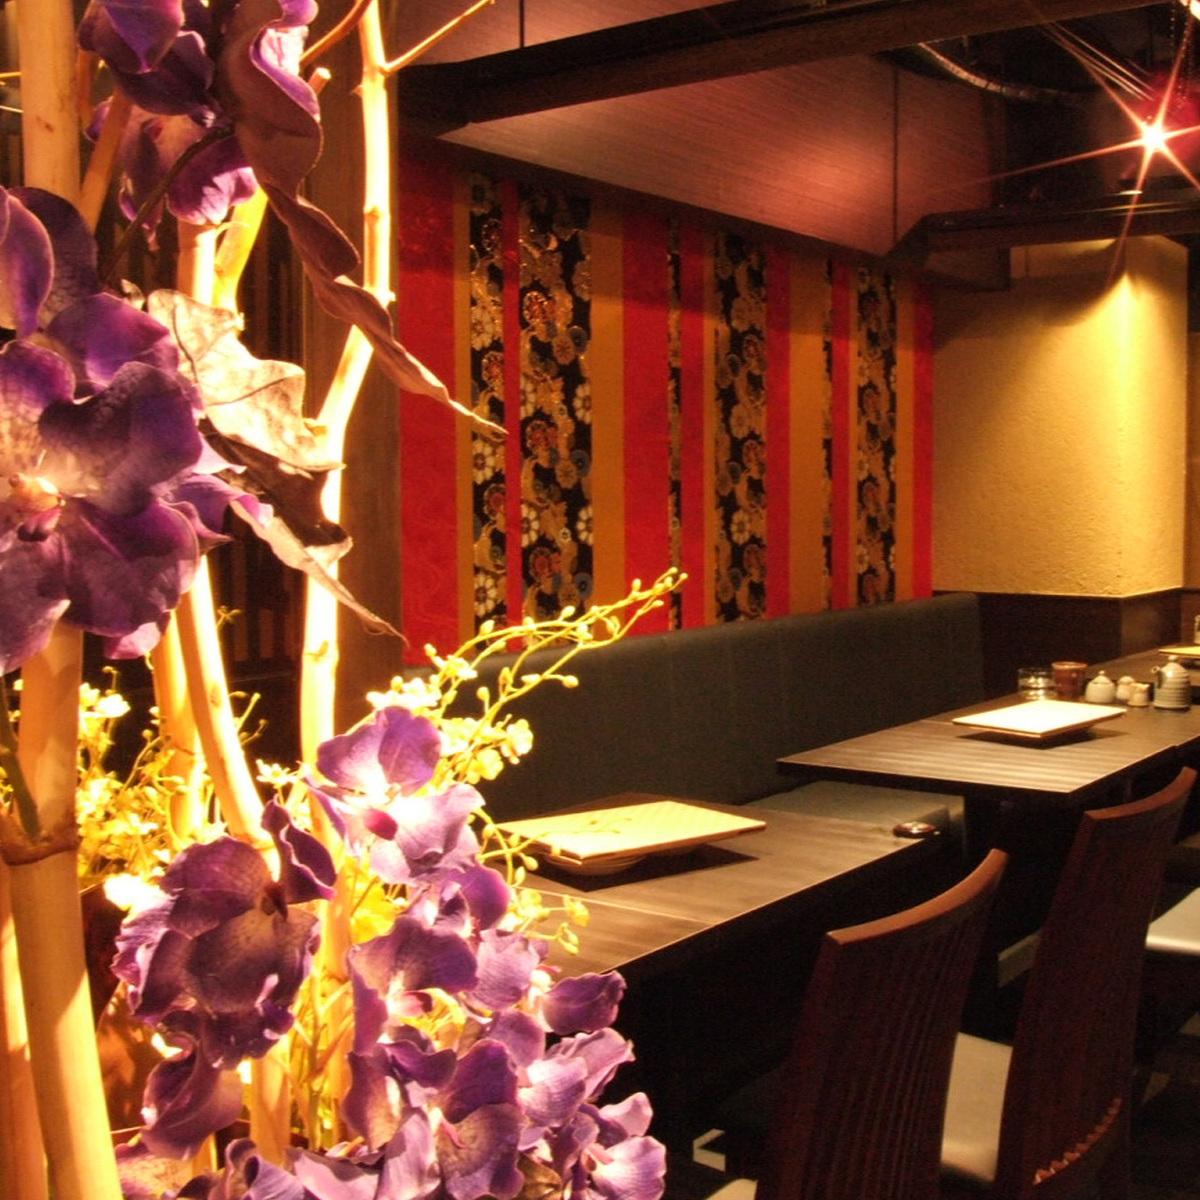 裝飾花卉也將為室內裝飾增添色彩